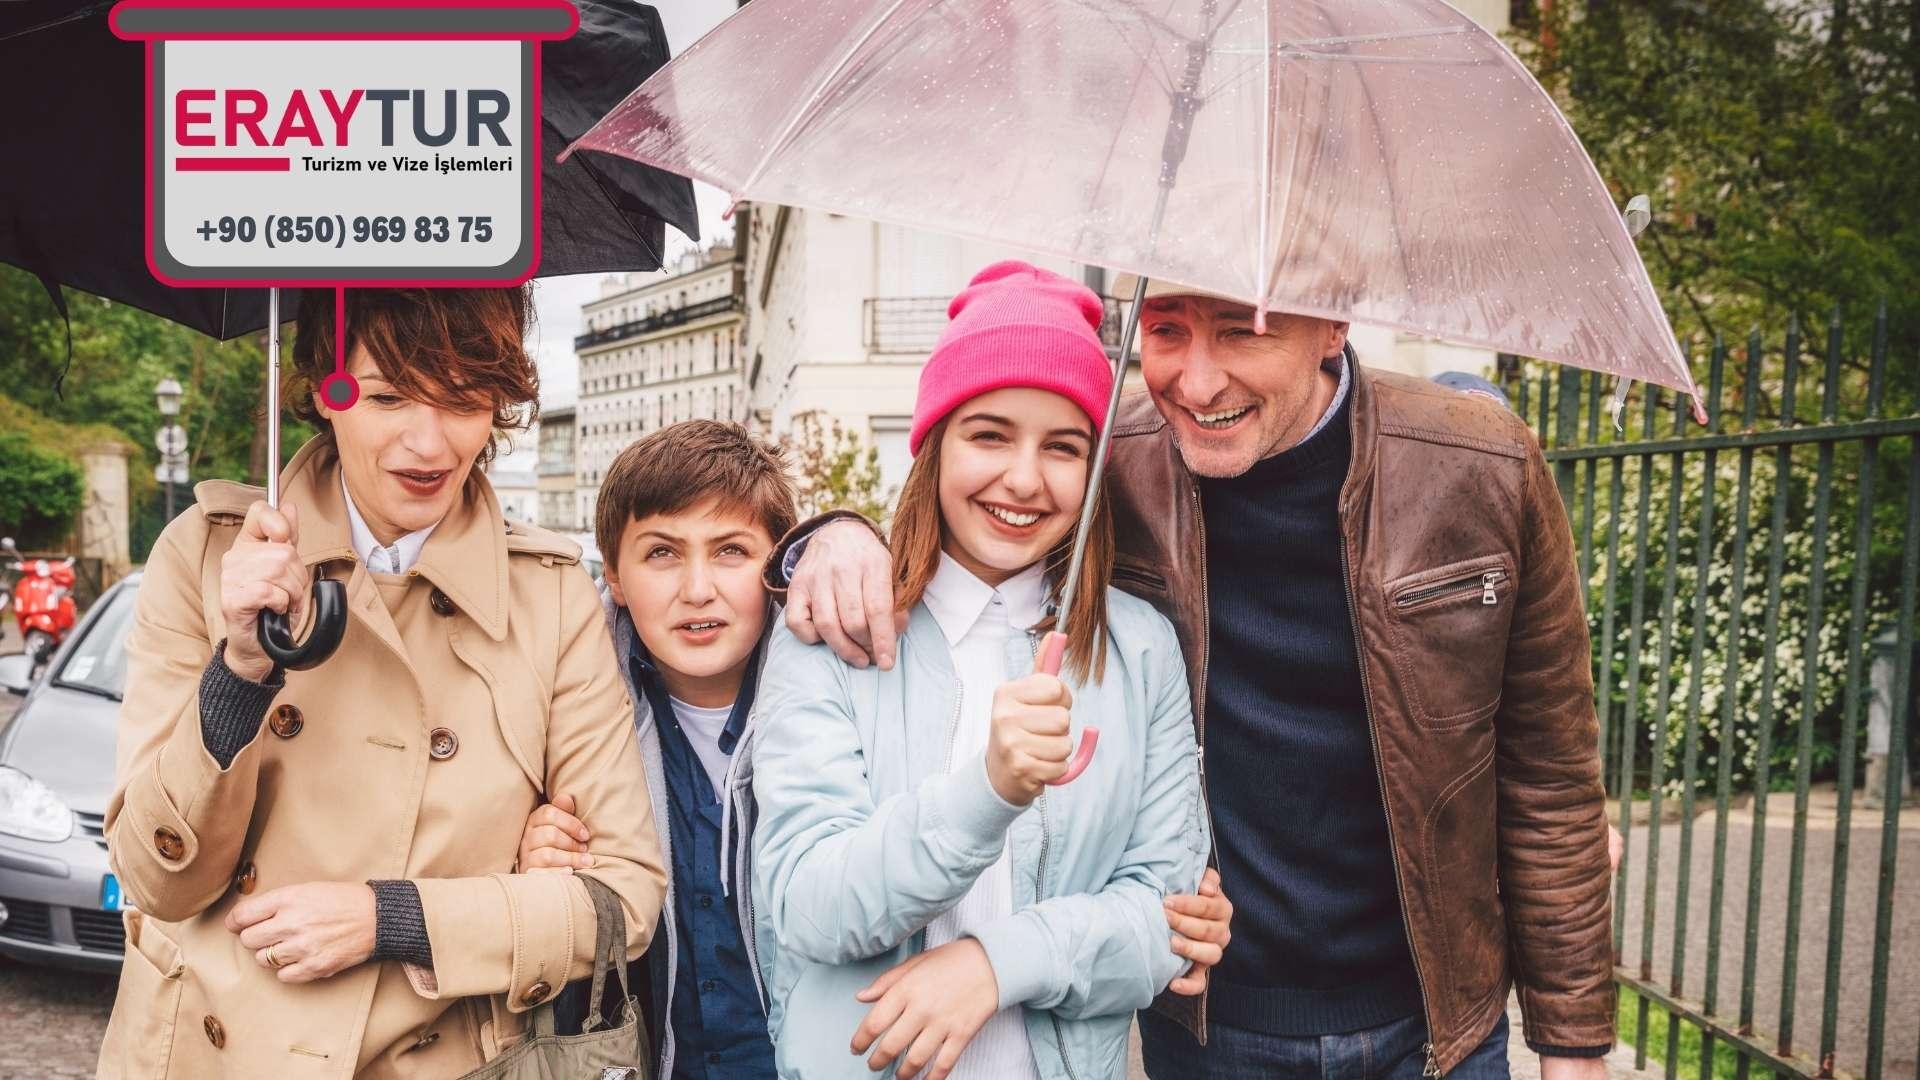 Fransa Aile Birleşimi Vize İçin Gerekli Evraklar